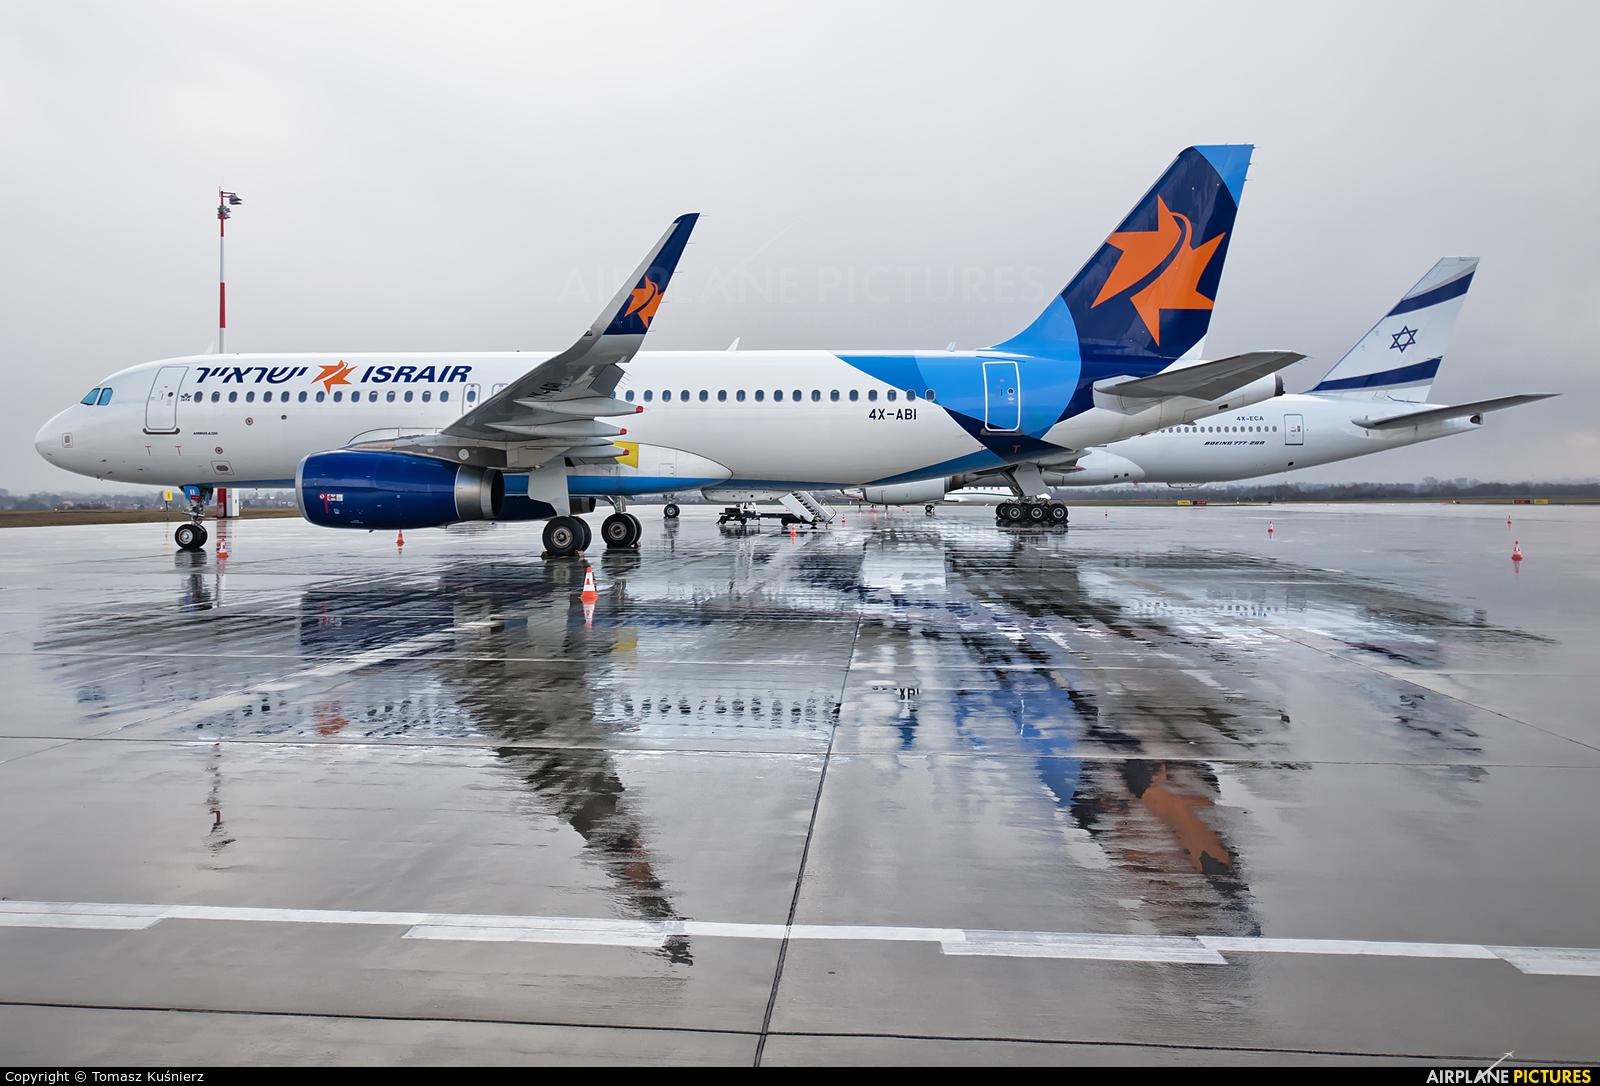 Israir Airlines 4X-ABI aircraft at Rzeszów-Jasionka